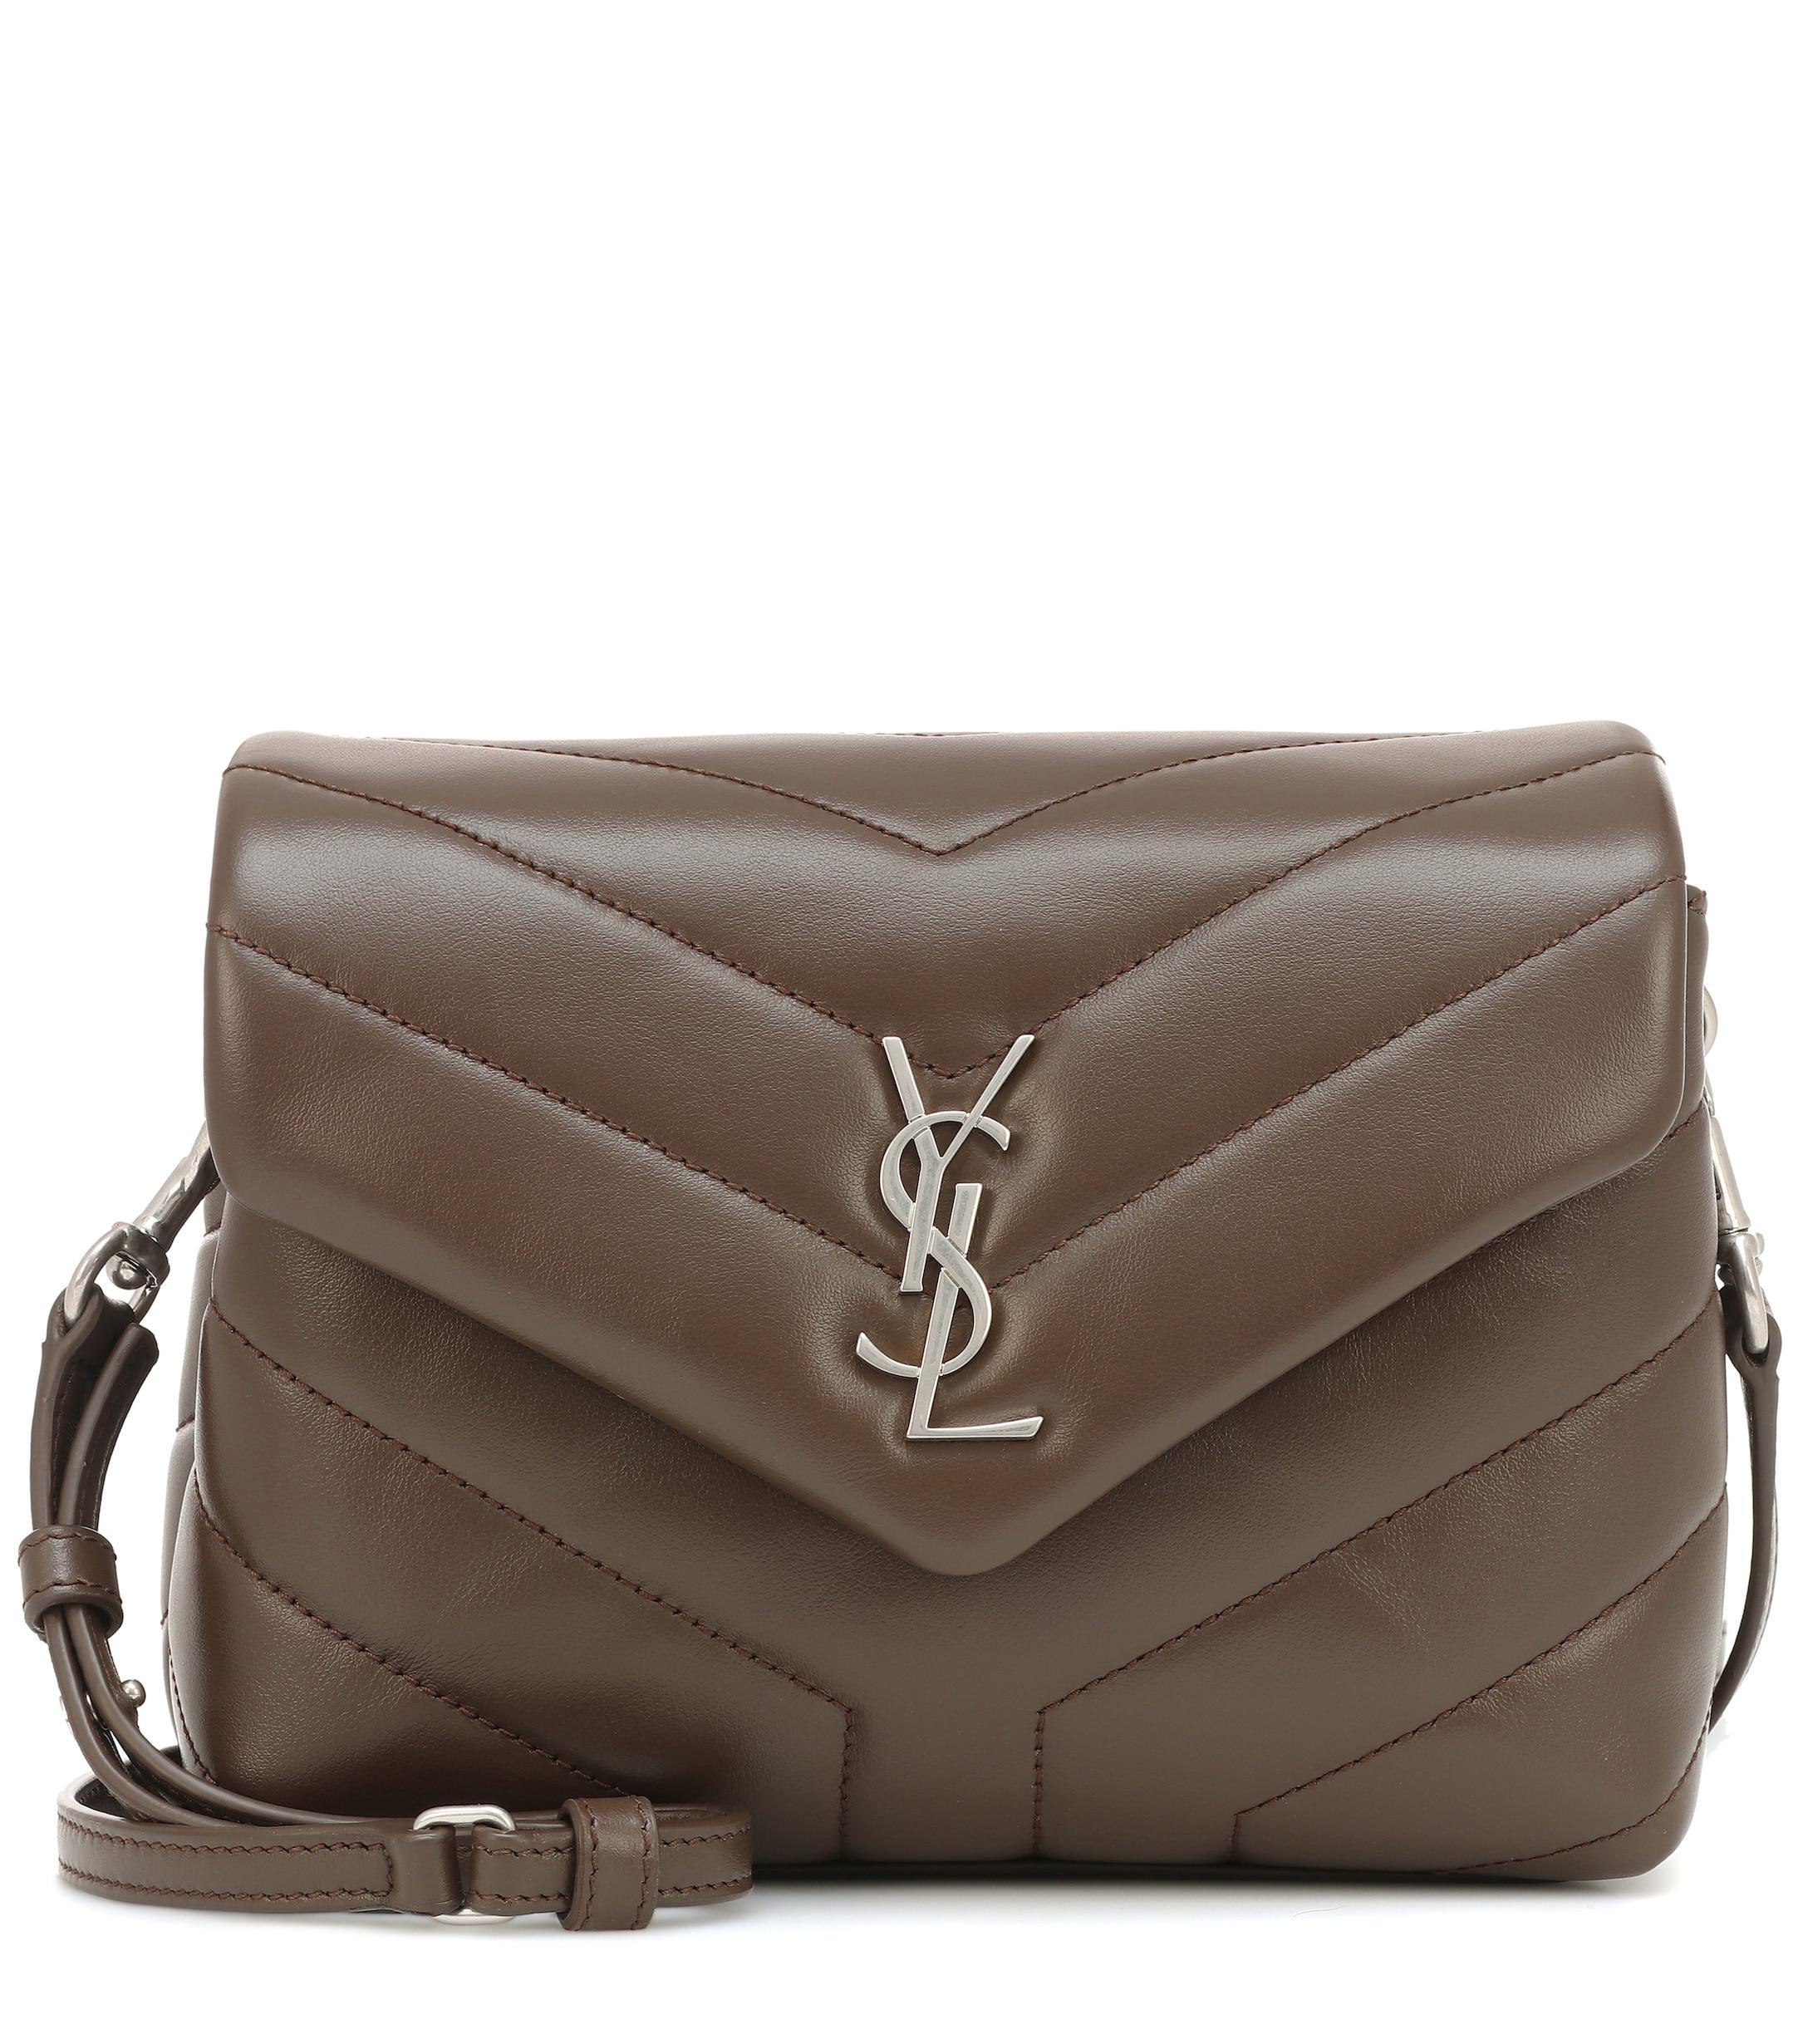 7b051339ed9a Saint Laurent Toy Loulou Leather Shoulder Bag - Lyst